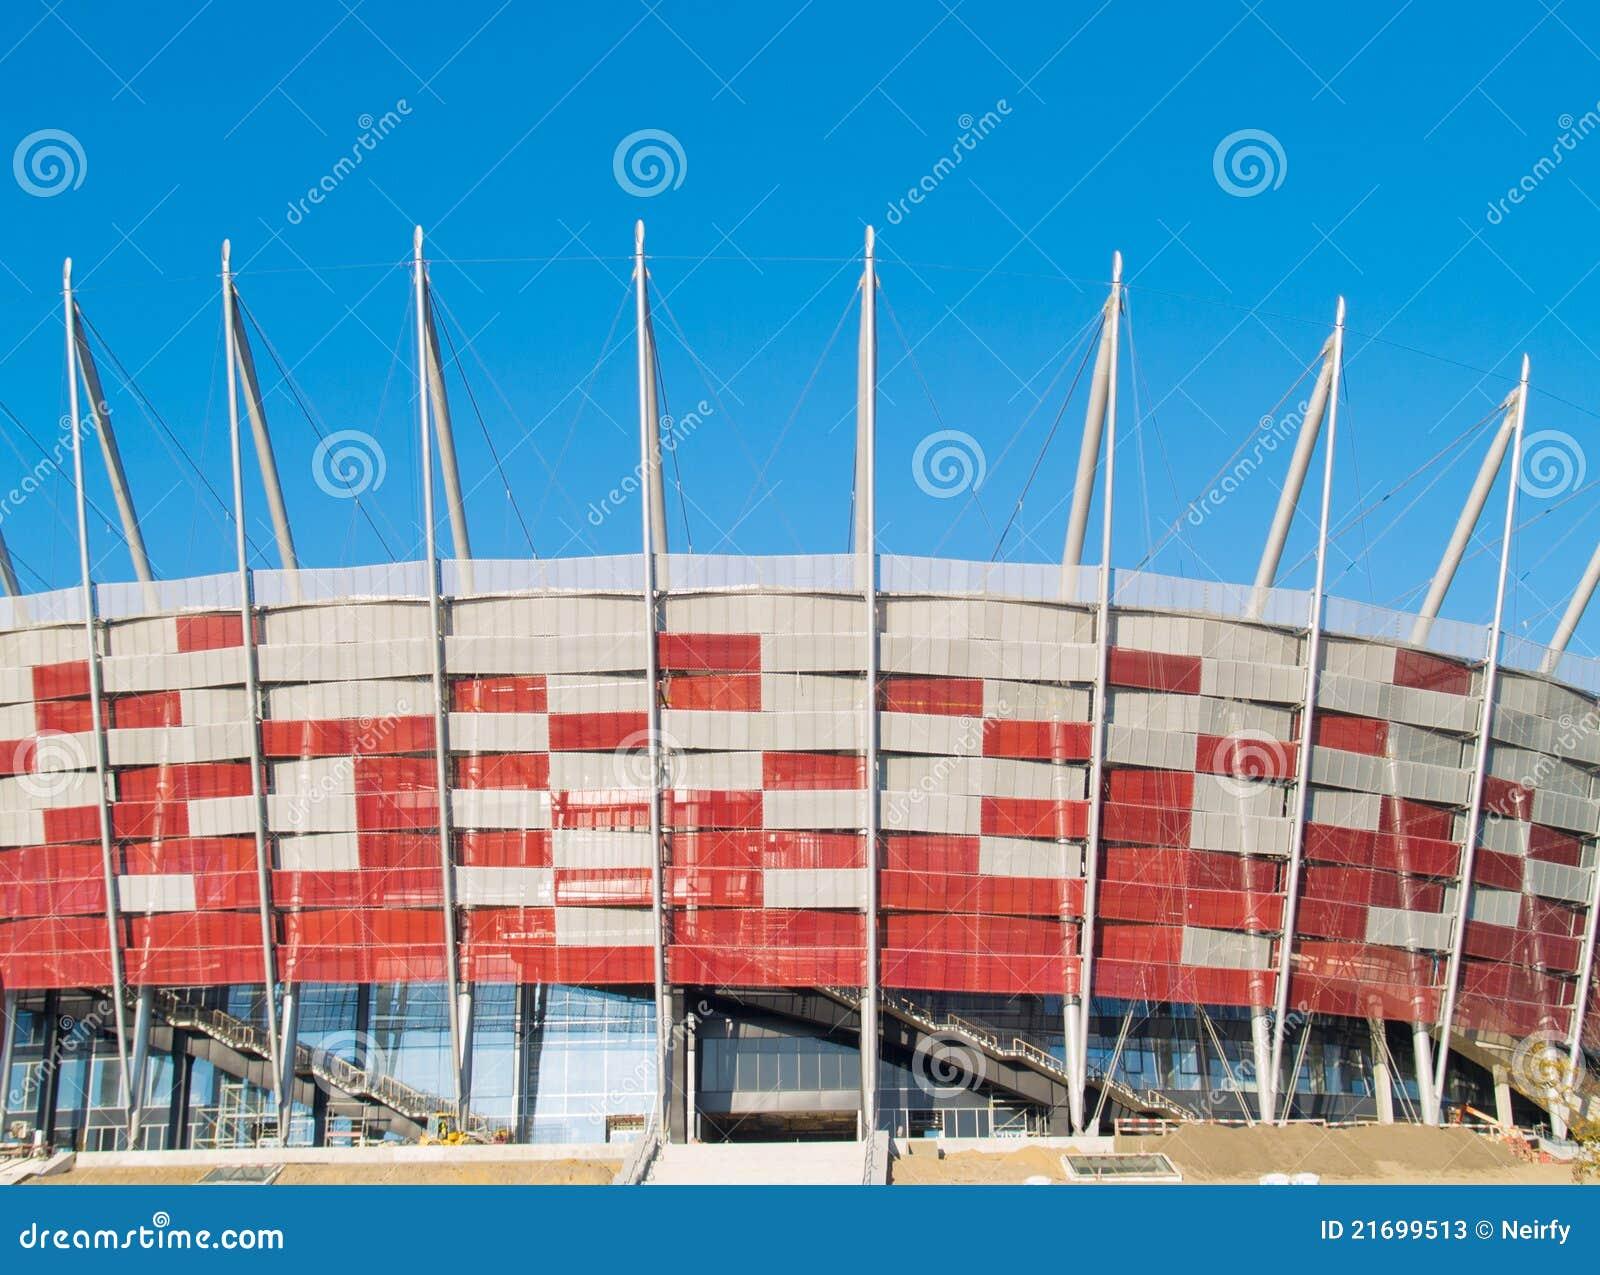 Poland krajowy stadium Warsaw